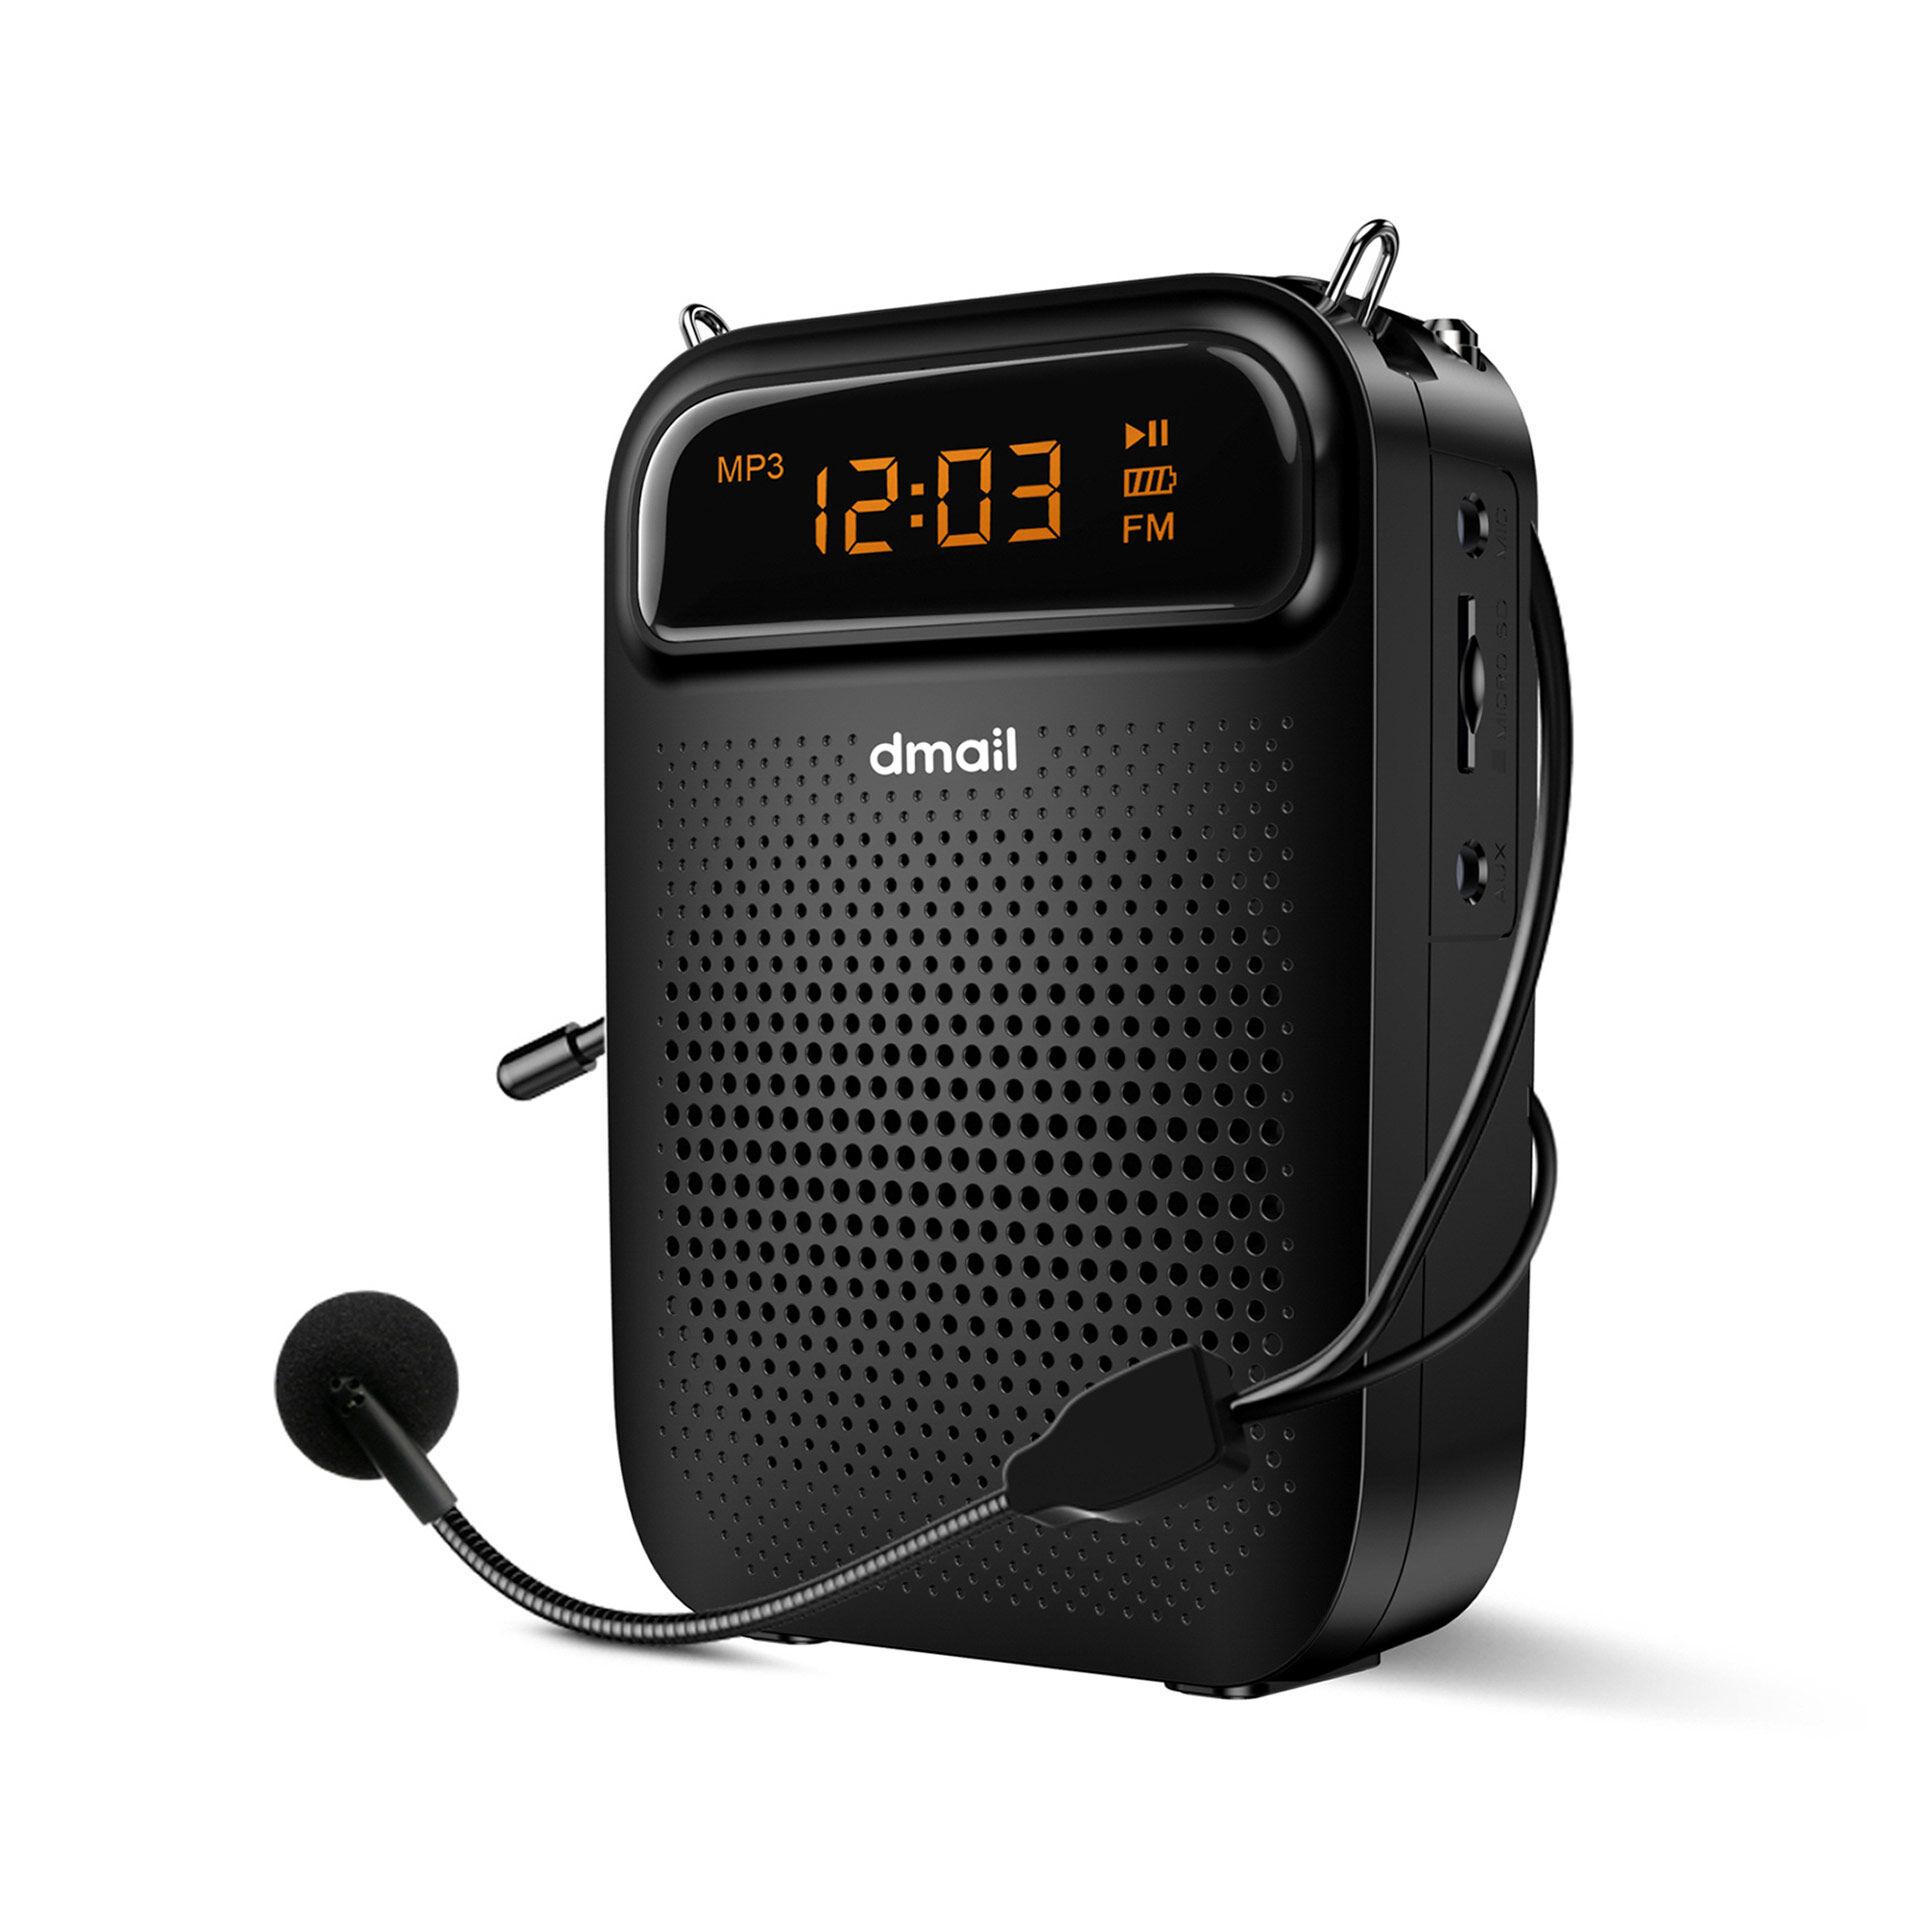 Amplificateur portable avec microphone - radio mp3, , large